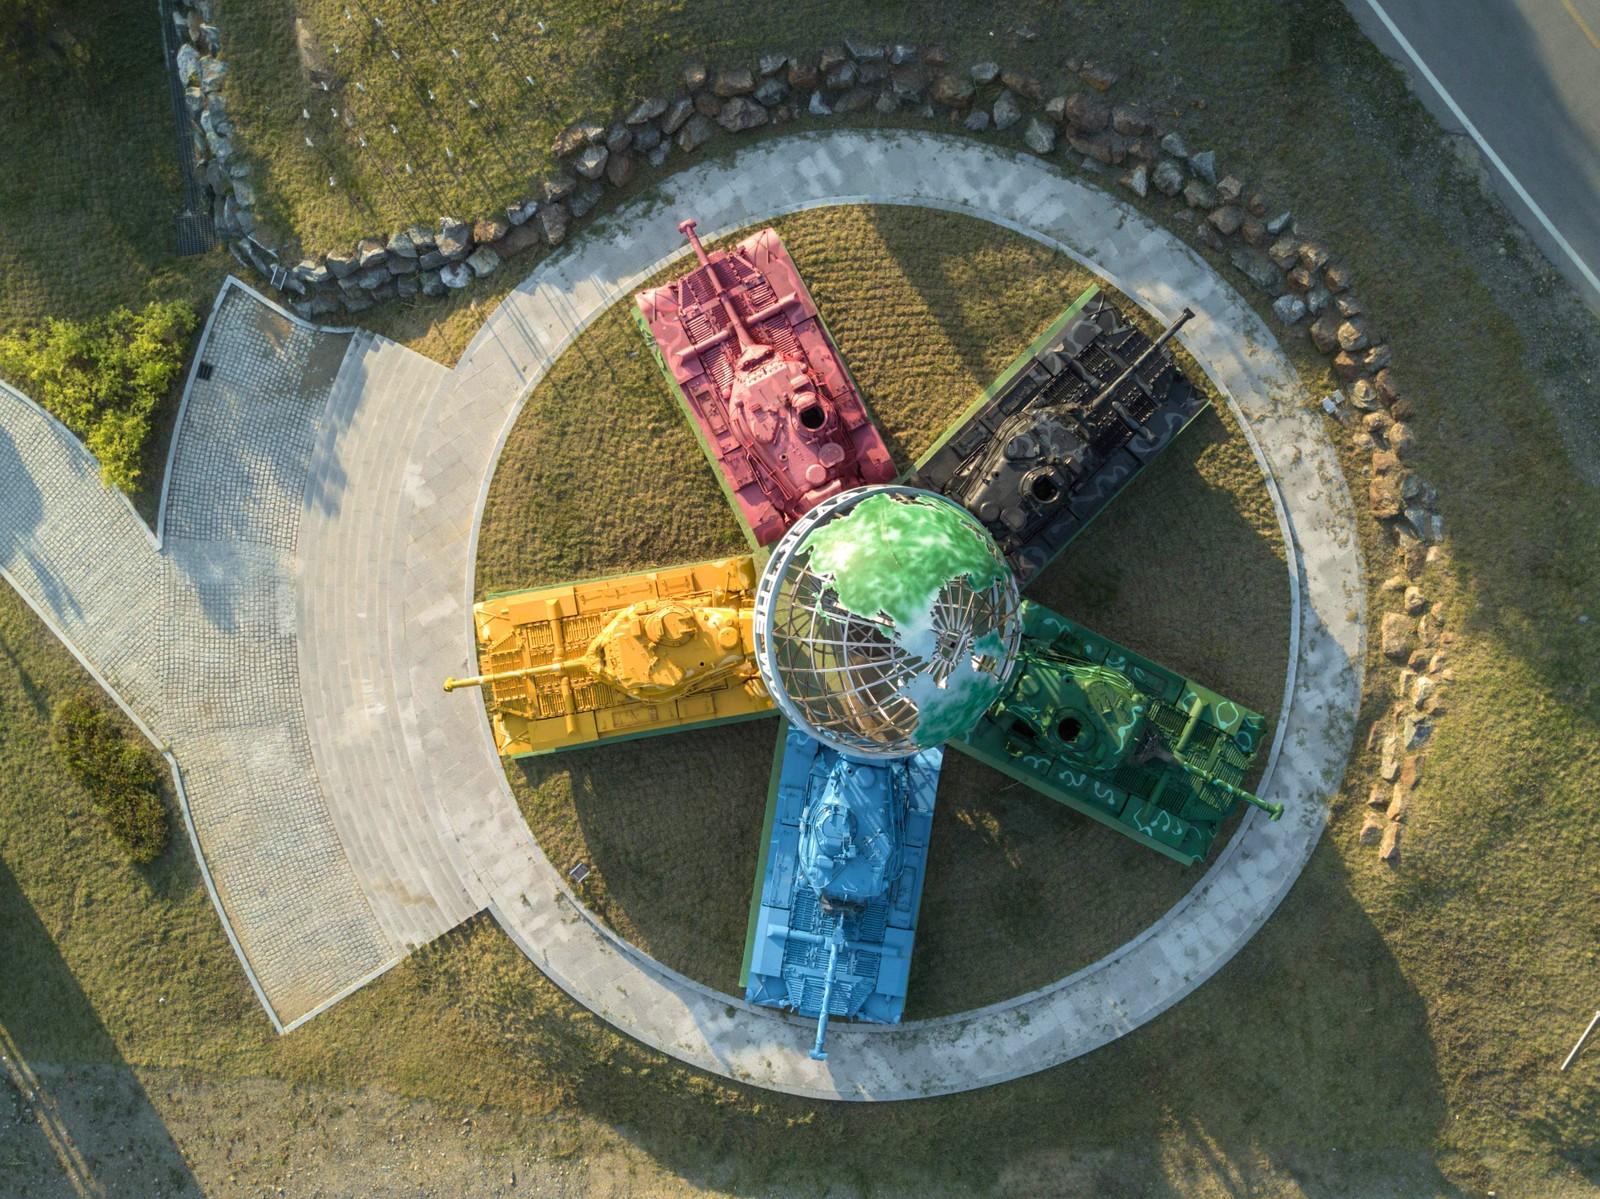 """Dette er en kunstinstallasjon kalt """"Peace All Around the World"""". De fargelagte tanksene er fra Koreakrigen. Verket ligger ved Hwacheon, som ligger i den demilitariserte sonen mellom Nord- og Sør-Korea."""